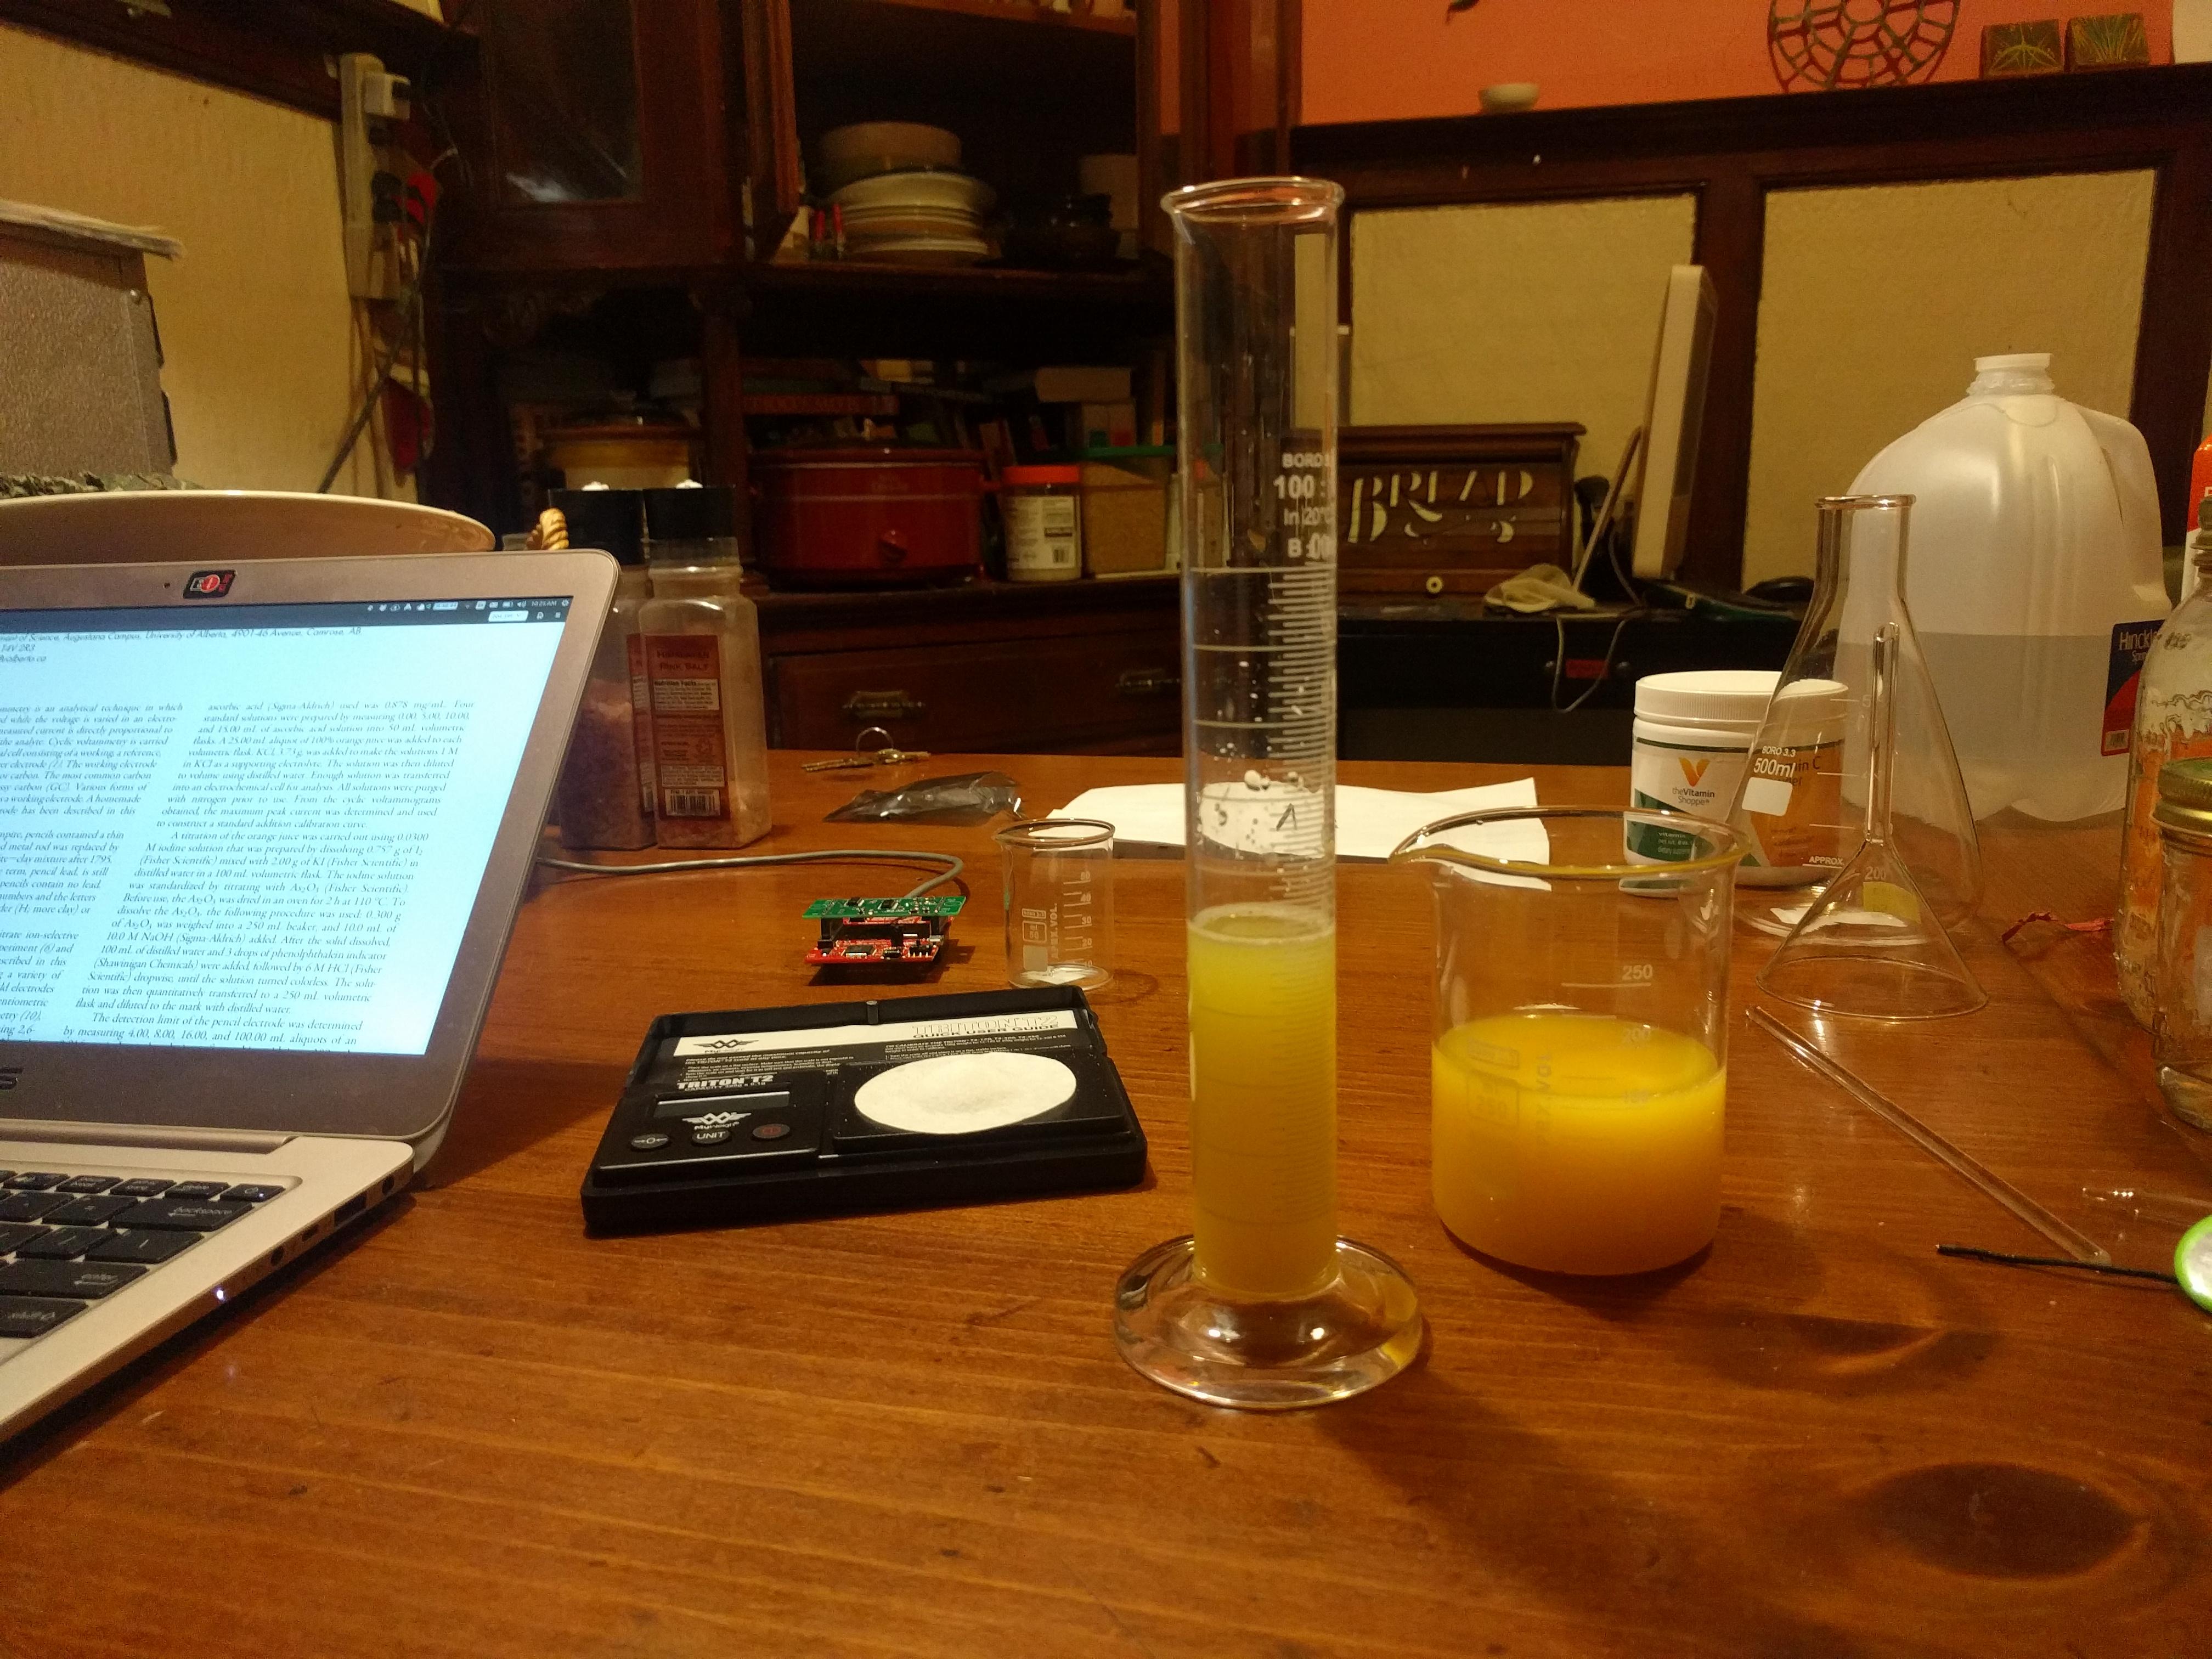 preparing_orange_juice_sample.jpg